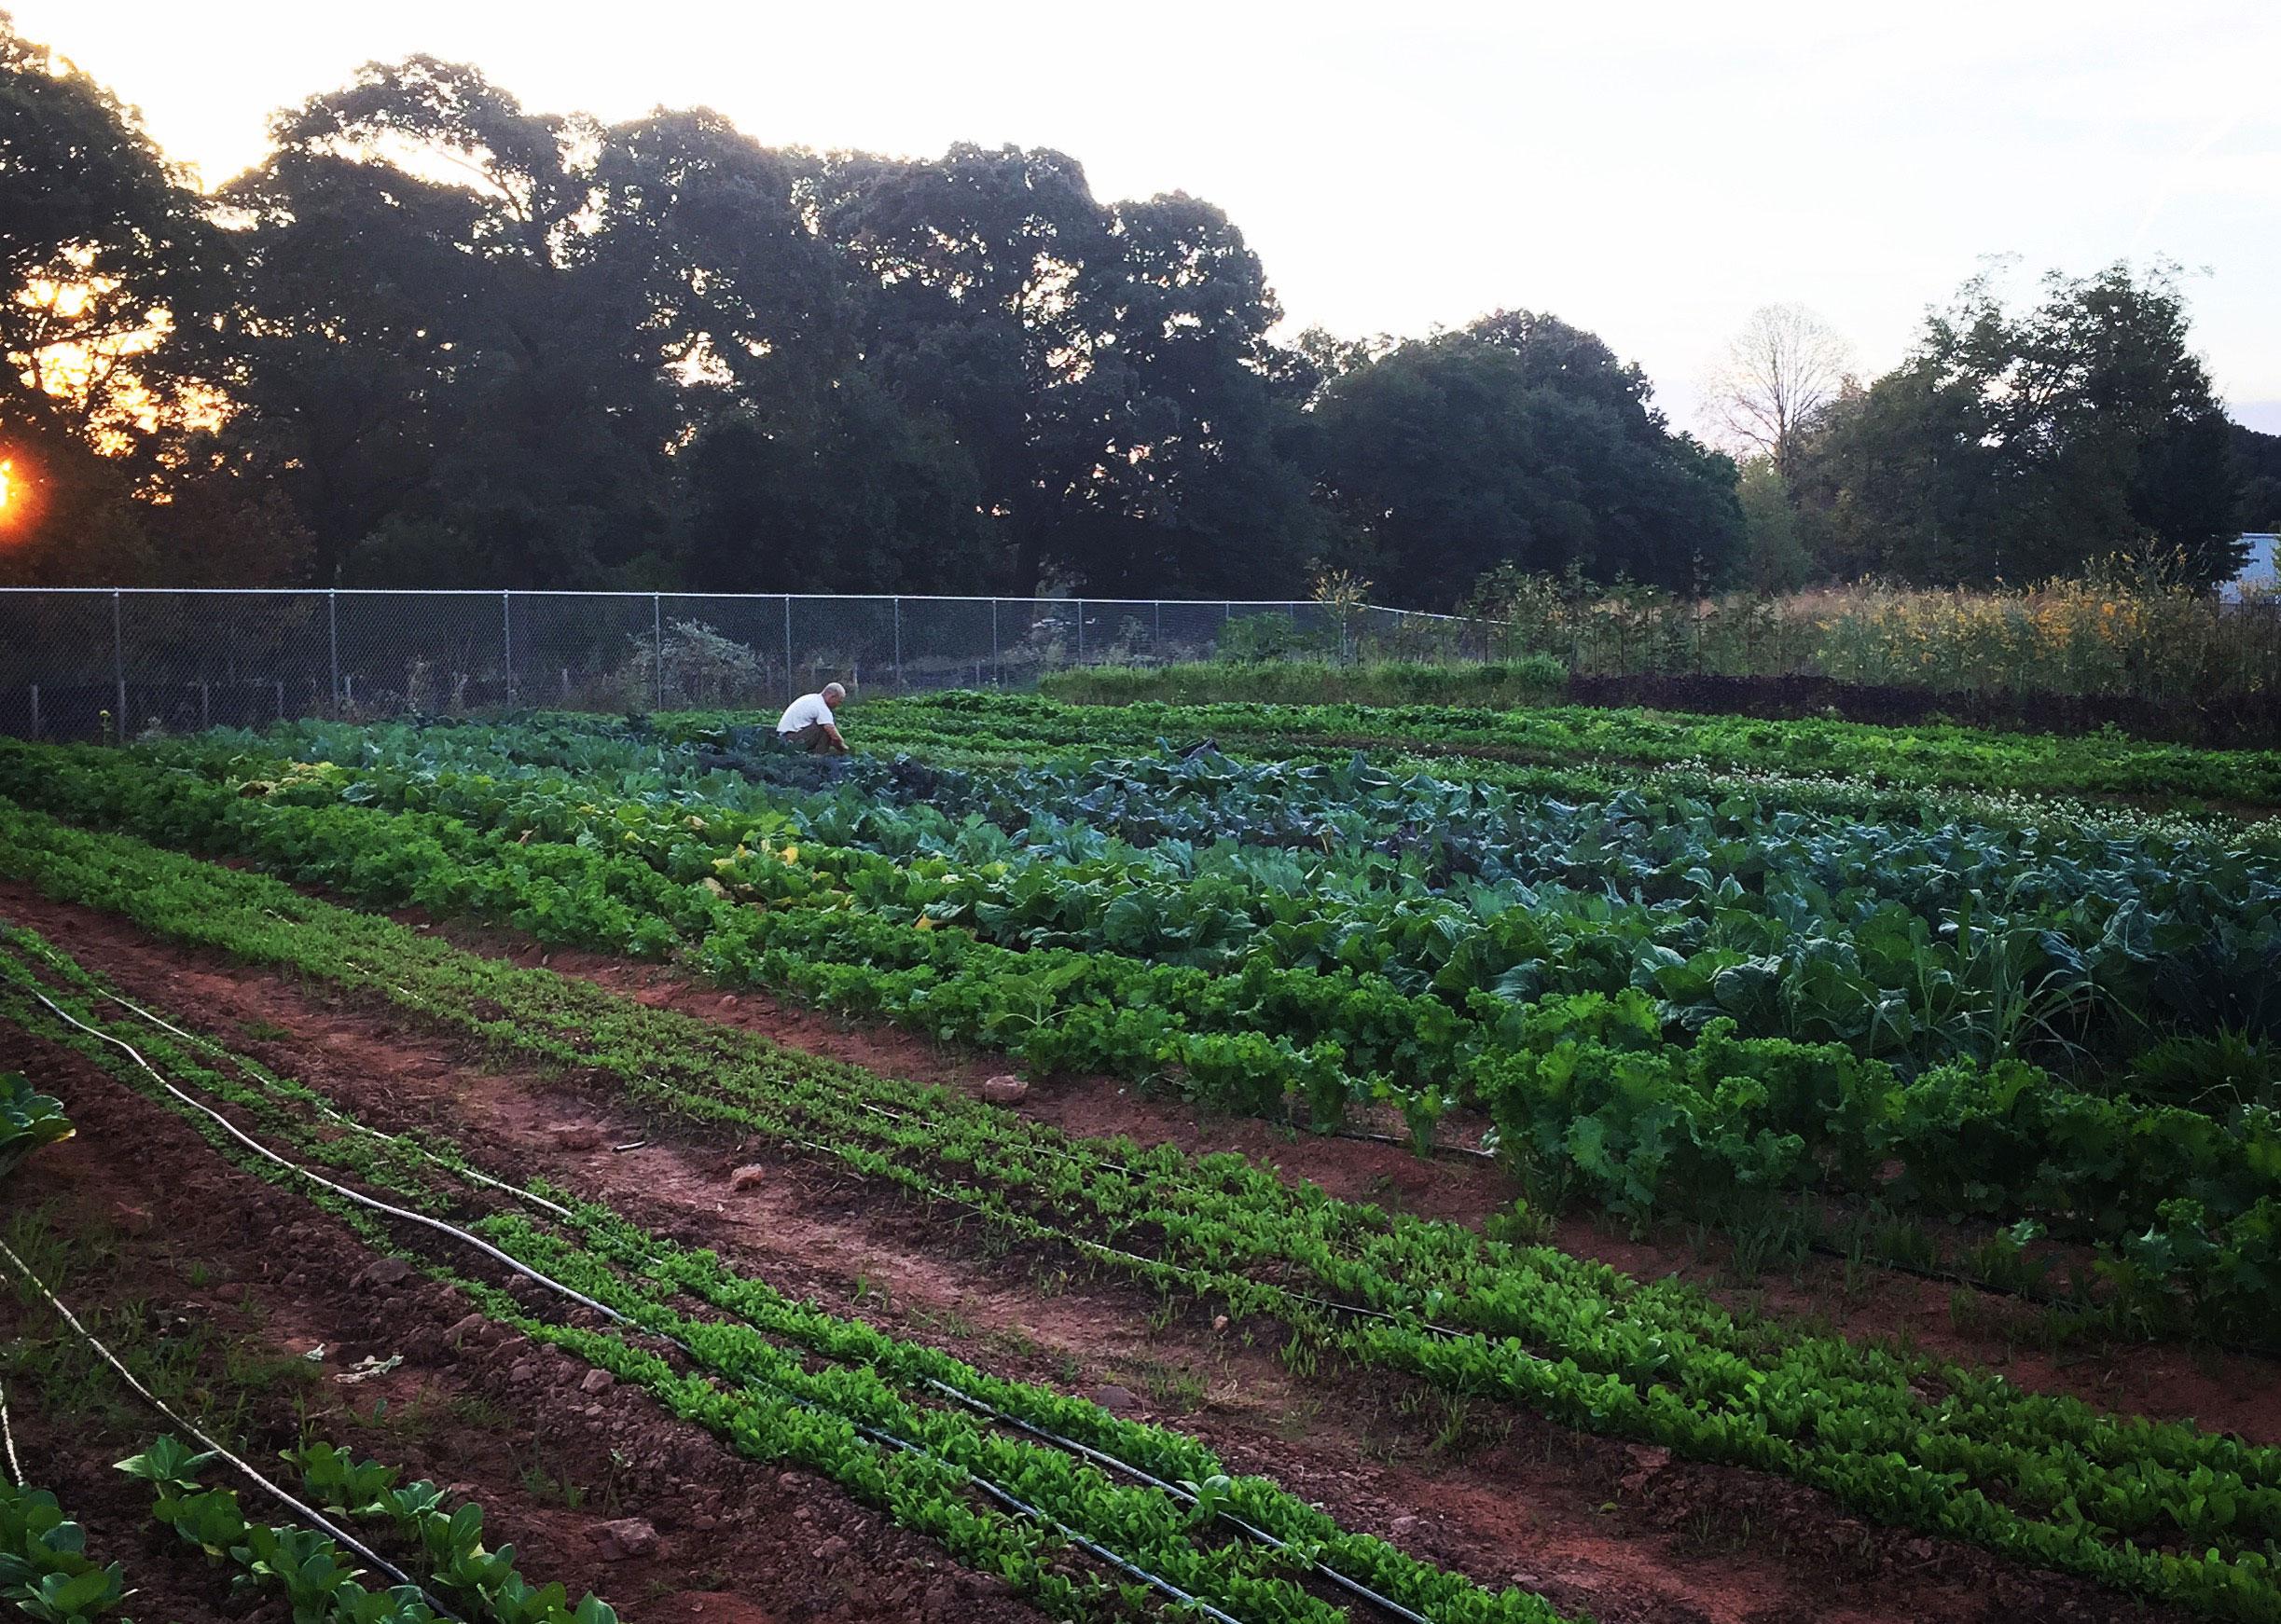 Aluma_Farm_Image.jpg